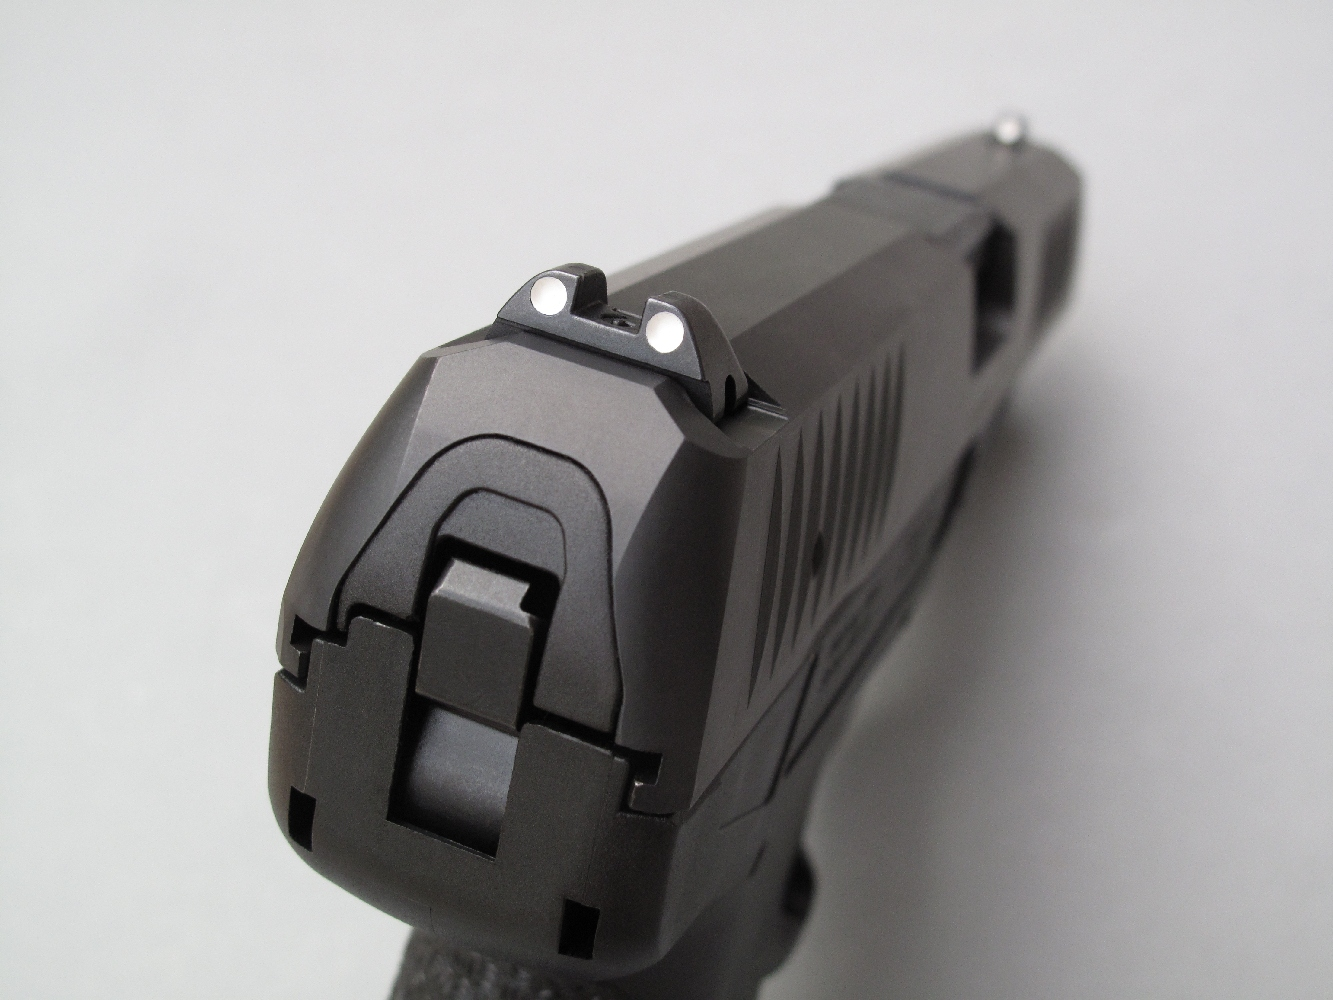 Ses éléments de visée en acier, hausse et guidon, qui sont installés à queue d'aronde aux deux extrémités de la culasse à glissière, disposent d'une aide à la visée par alignement de trois points blancs.